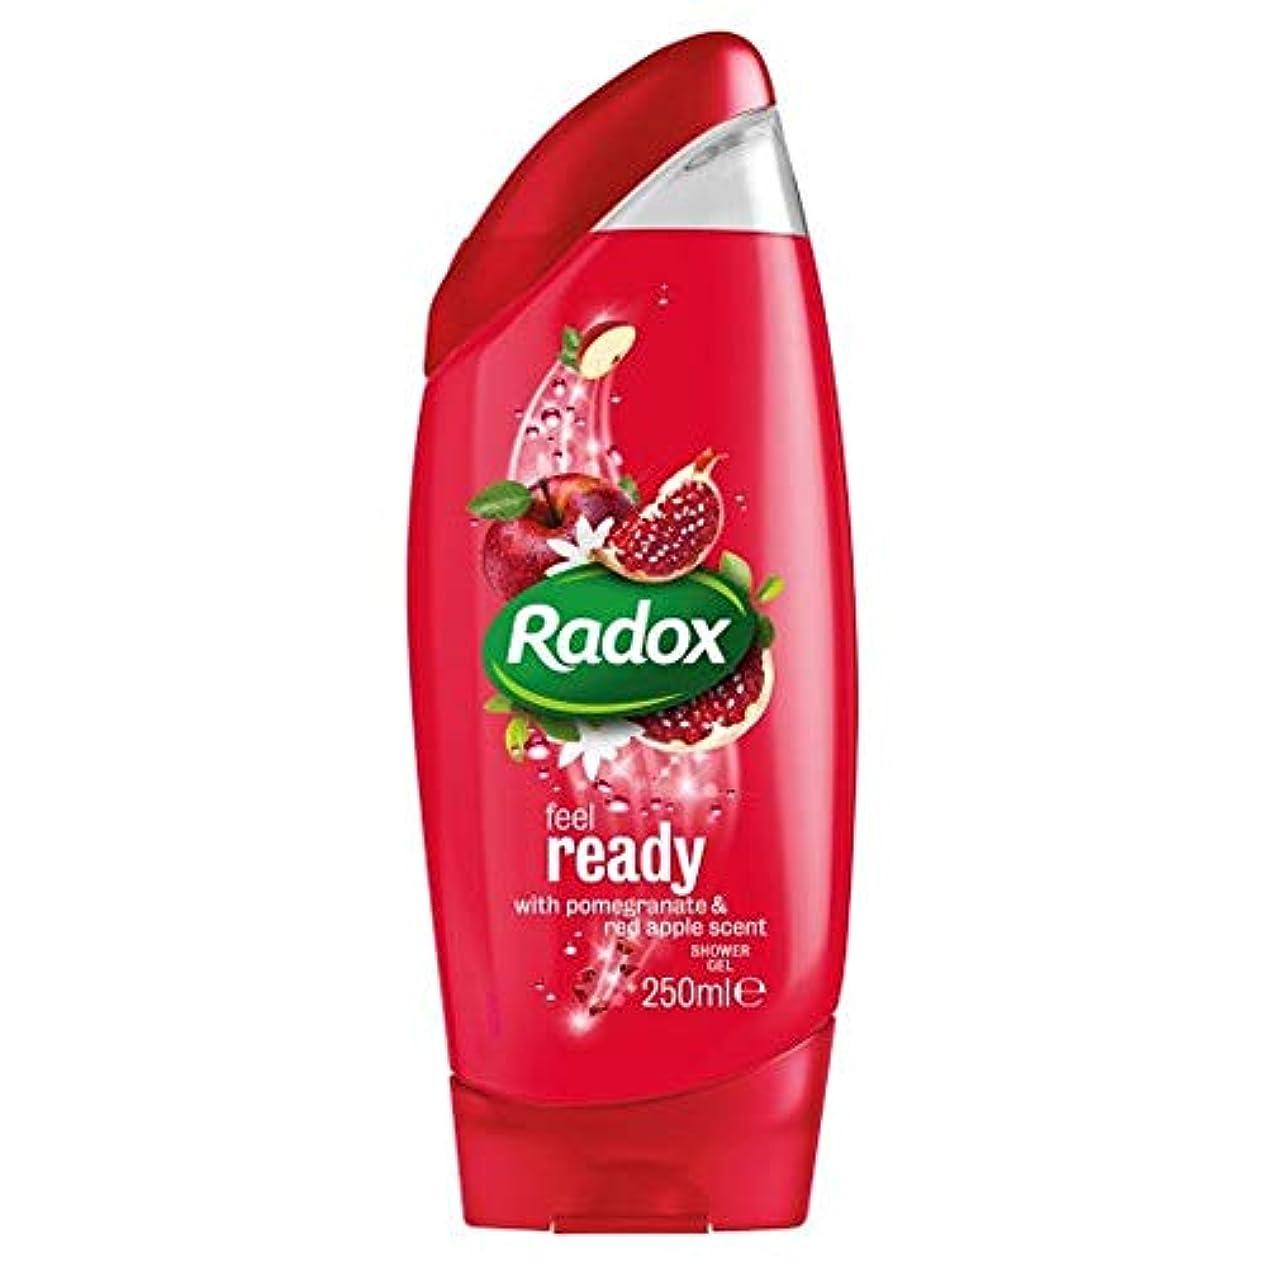 定刻フレキシブル裏切り者[Radox] Radoxは準備ができてシャワージェル250ミリリットルを感じます - Radox Feel Ready Shower Gel 250Ml [並行輸入品]